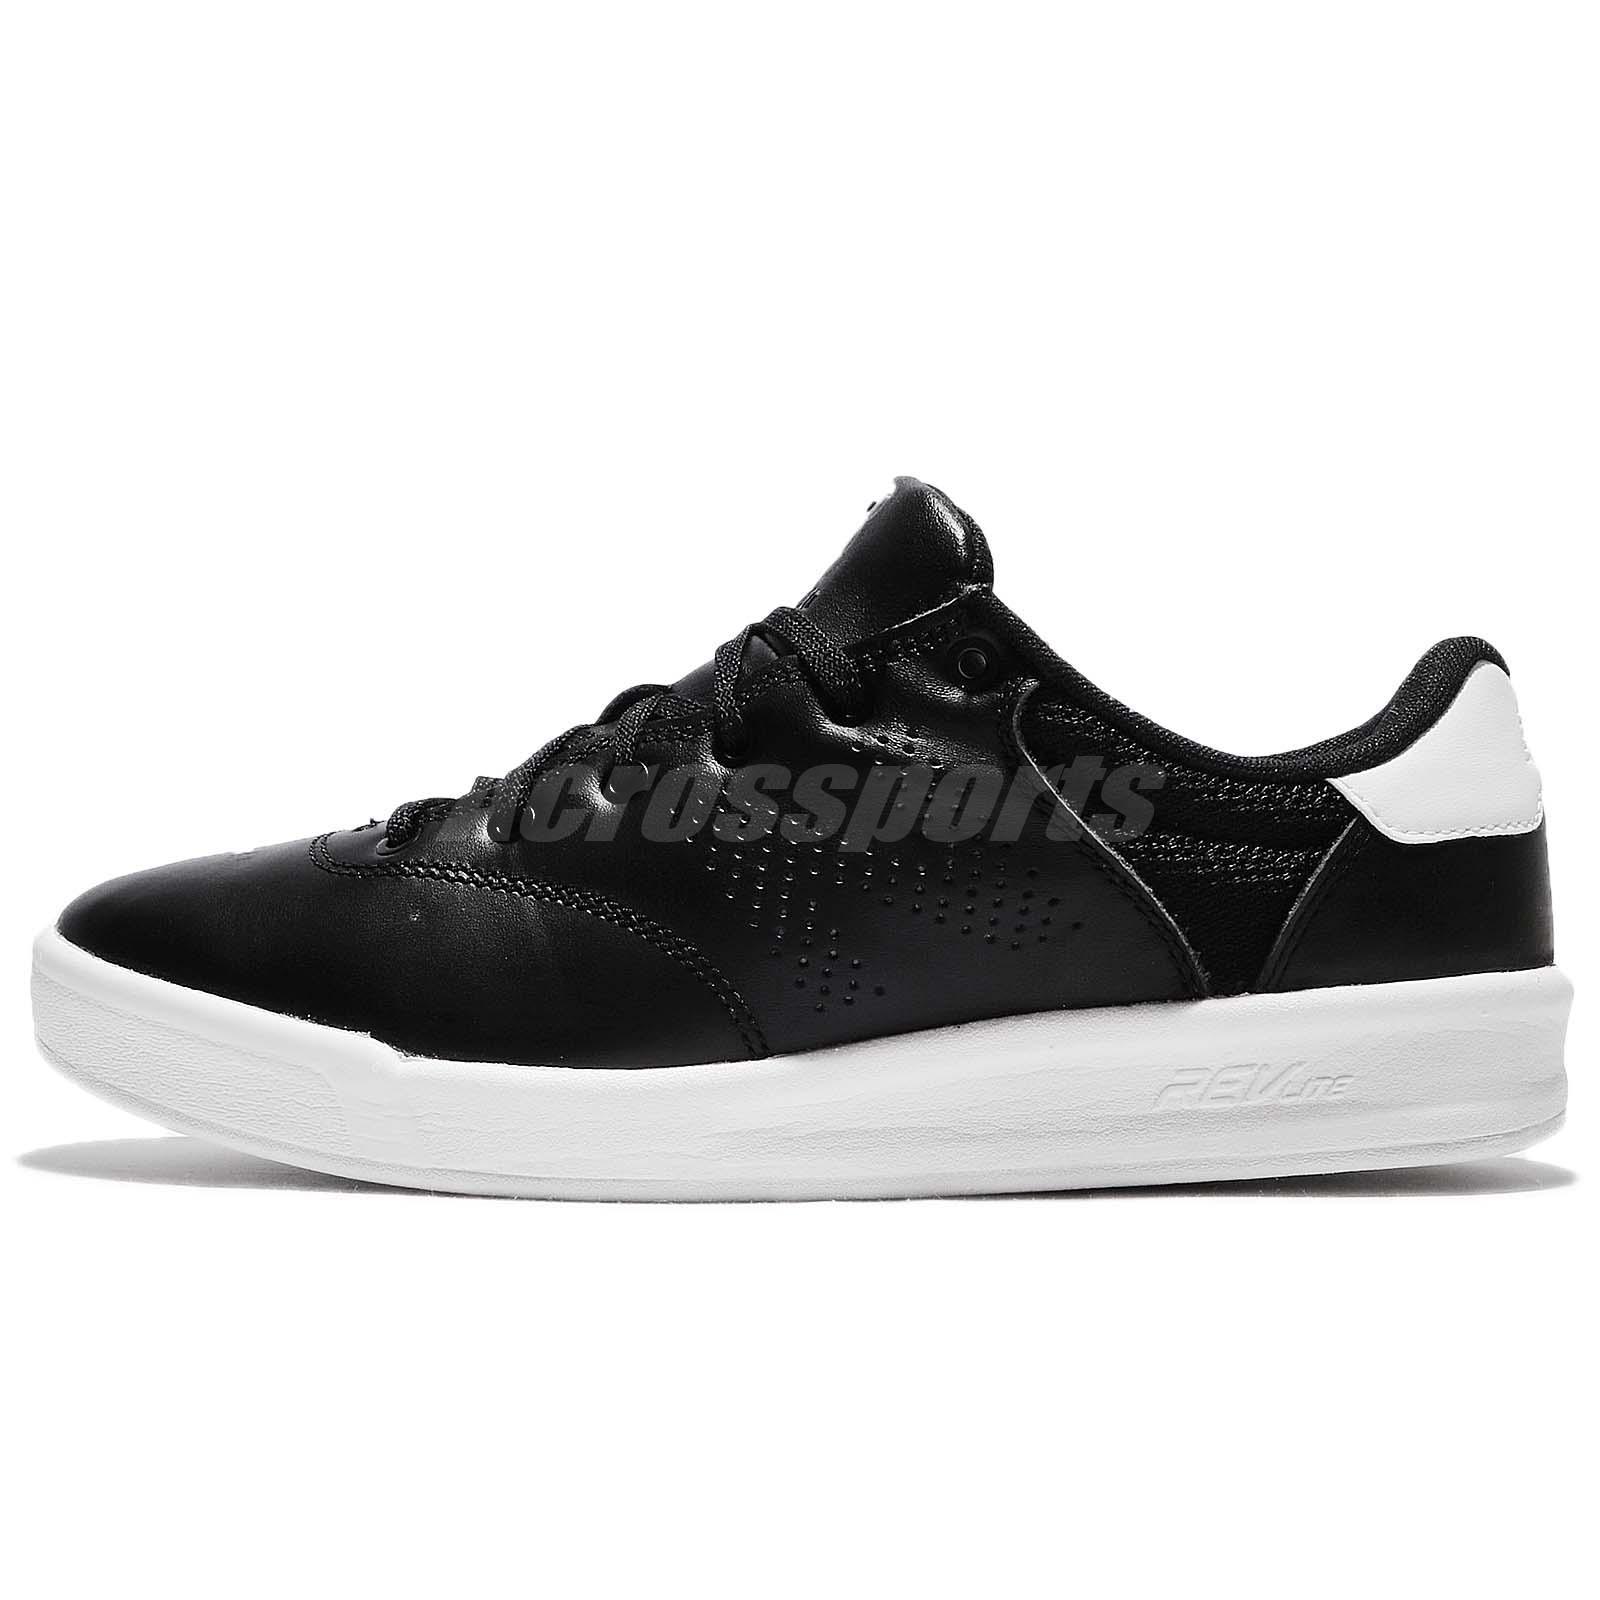 f4b5e698fcfb4 New Balance CRT300LP D CRT 300 Black White Leather Men Shoes Sneakers  CRT300LPD